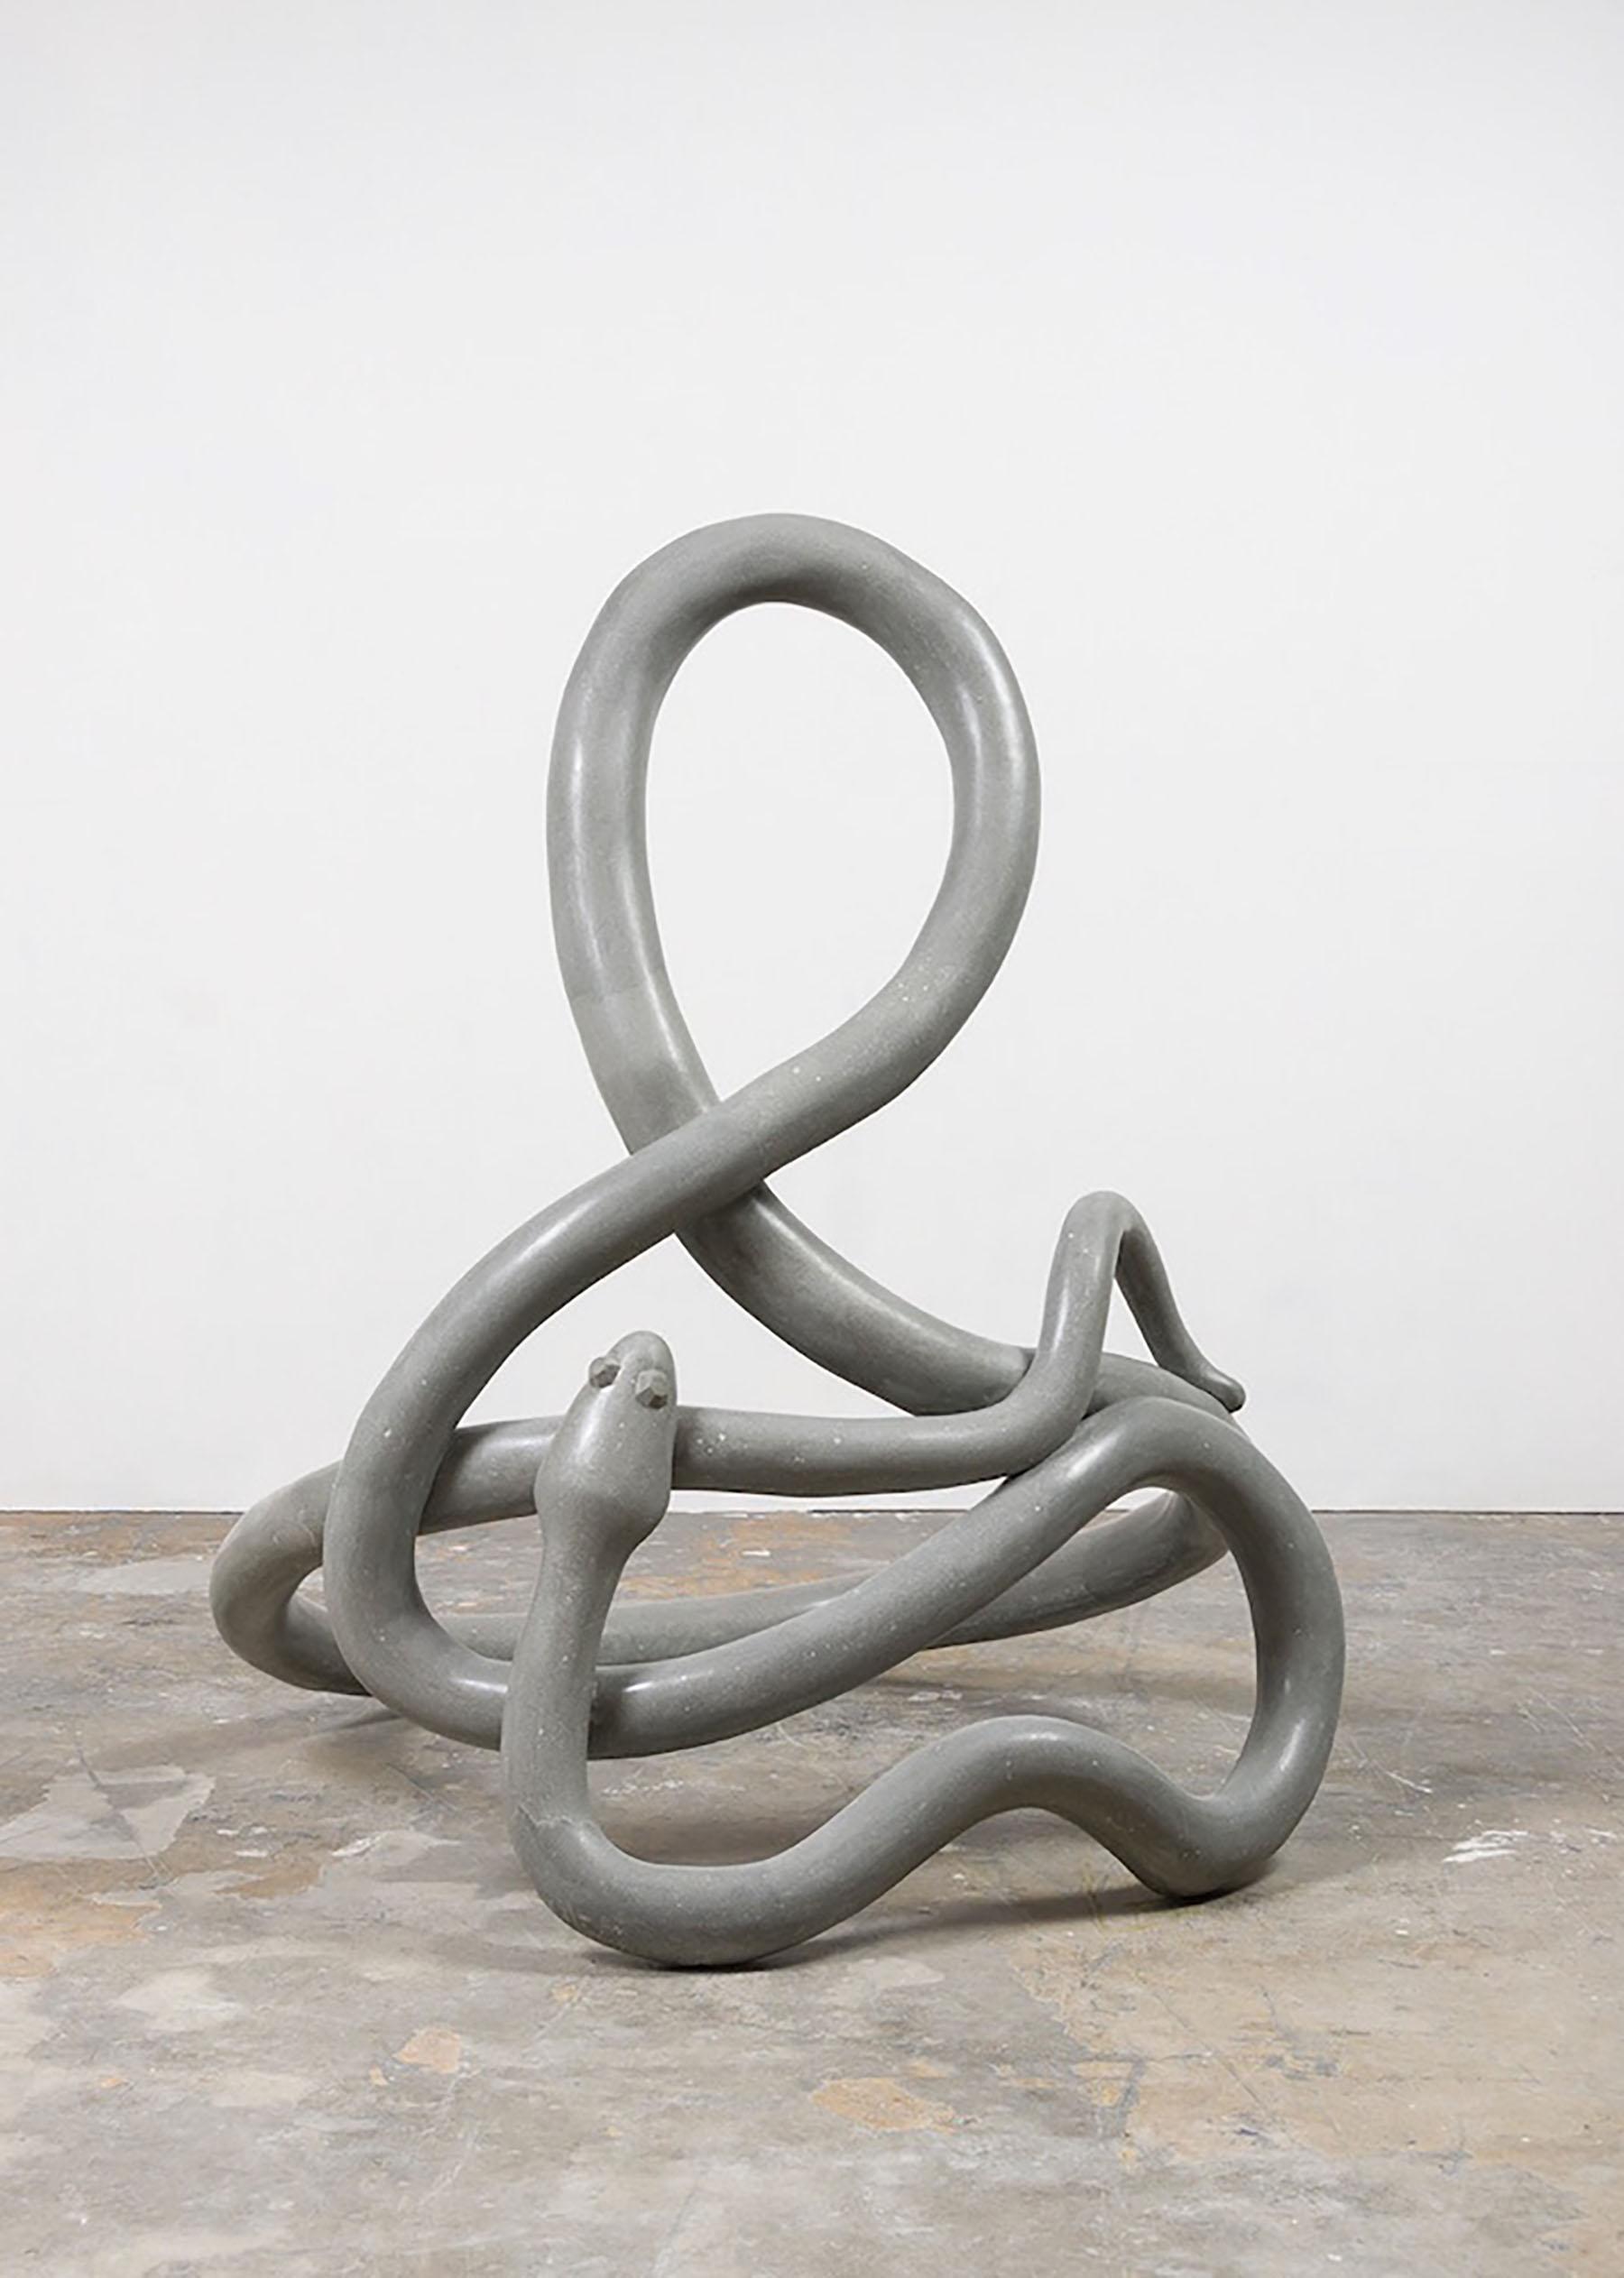 iGNANT-Art-Kathleen-Ryan-Sculpture-06